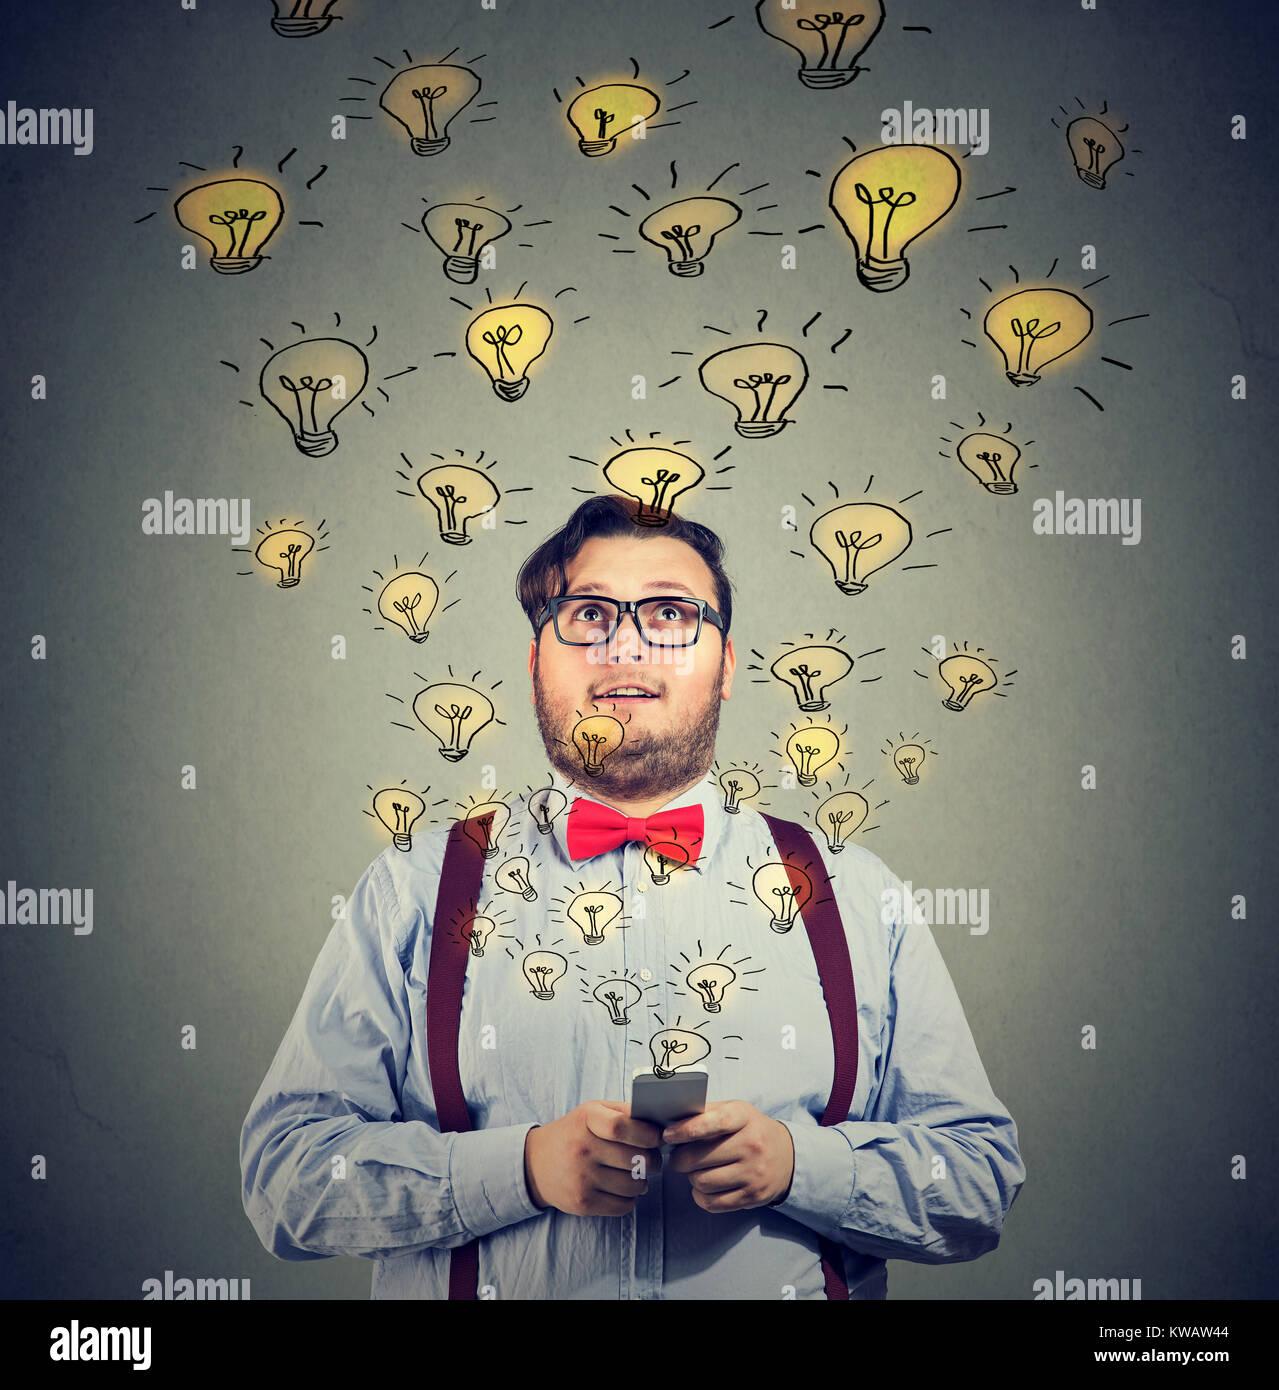 Jeune homme excité holding smartphone avec partage des idées brillantes à contenu. Photo Stock